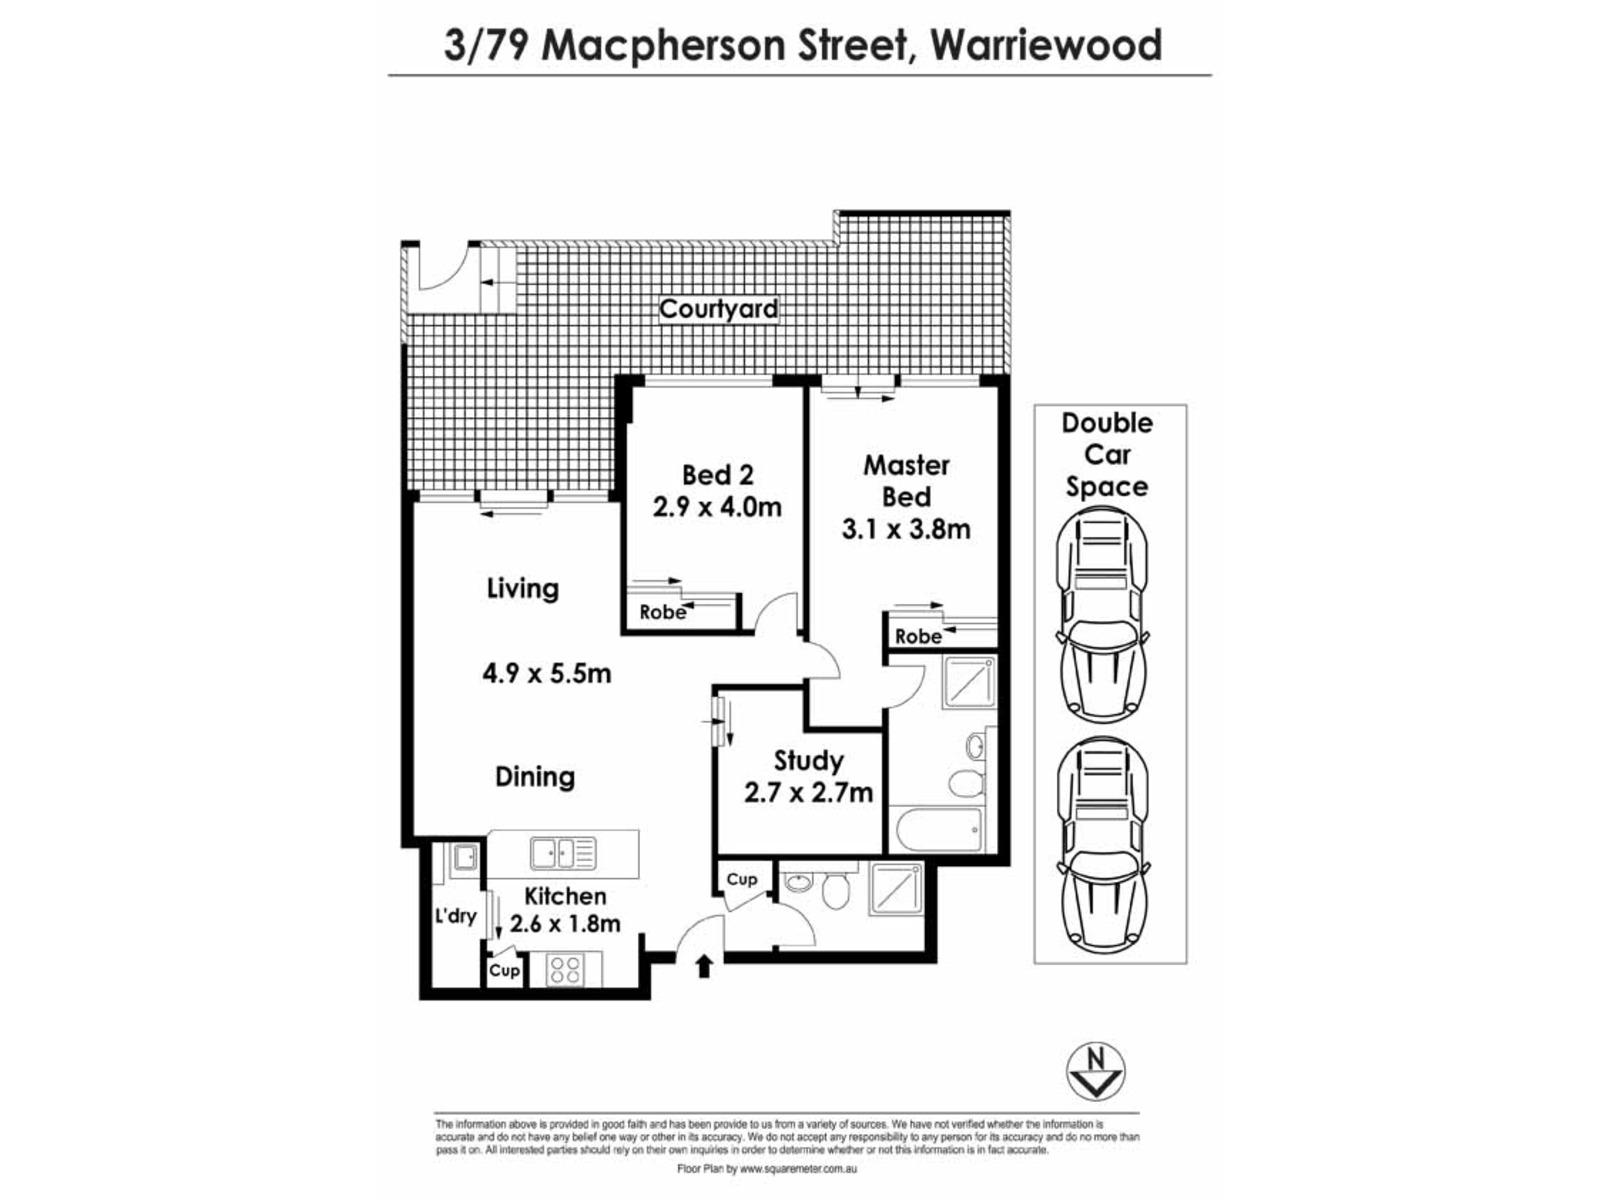 3 / 79 Macpherson Street, Warriewood